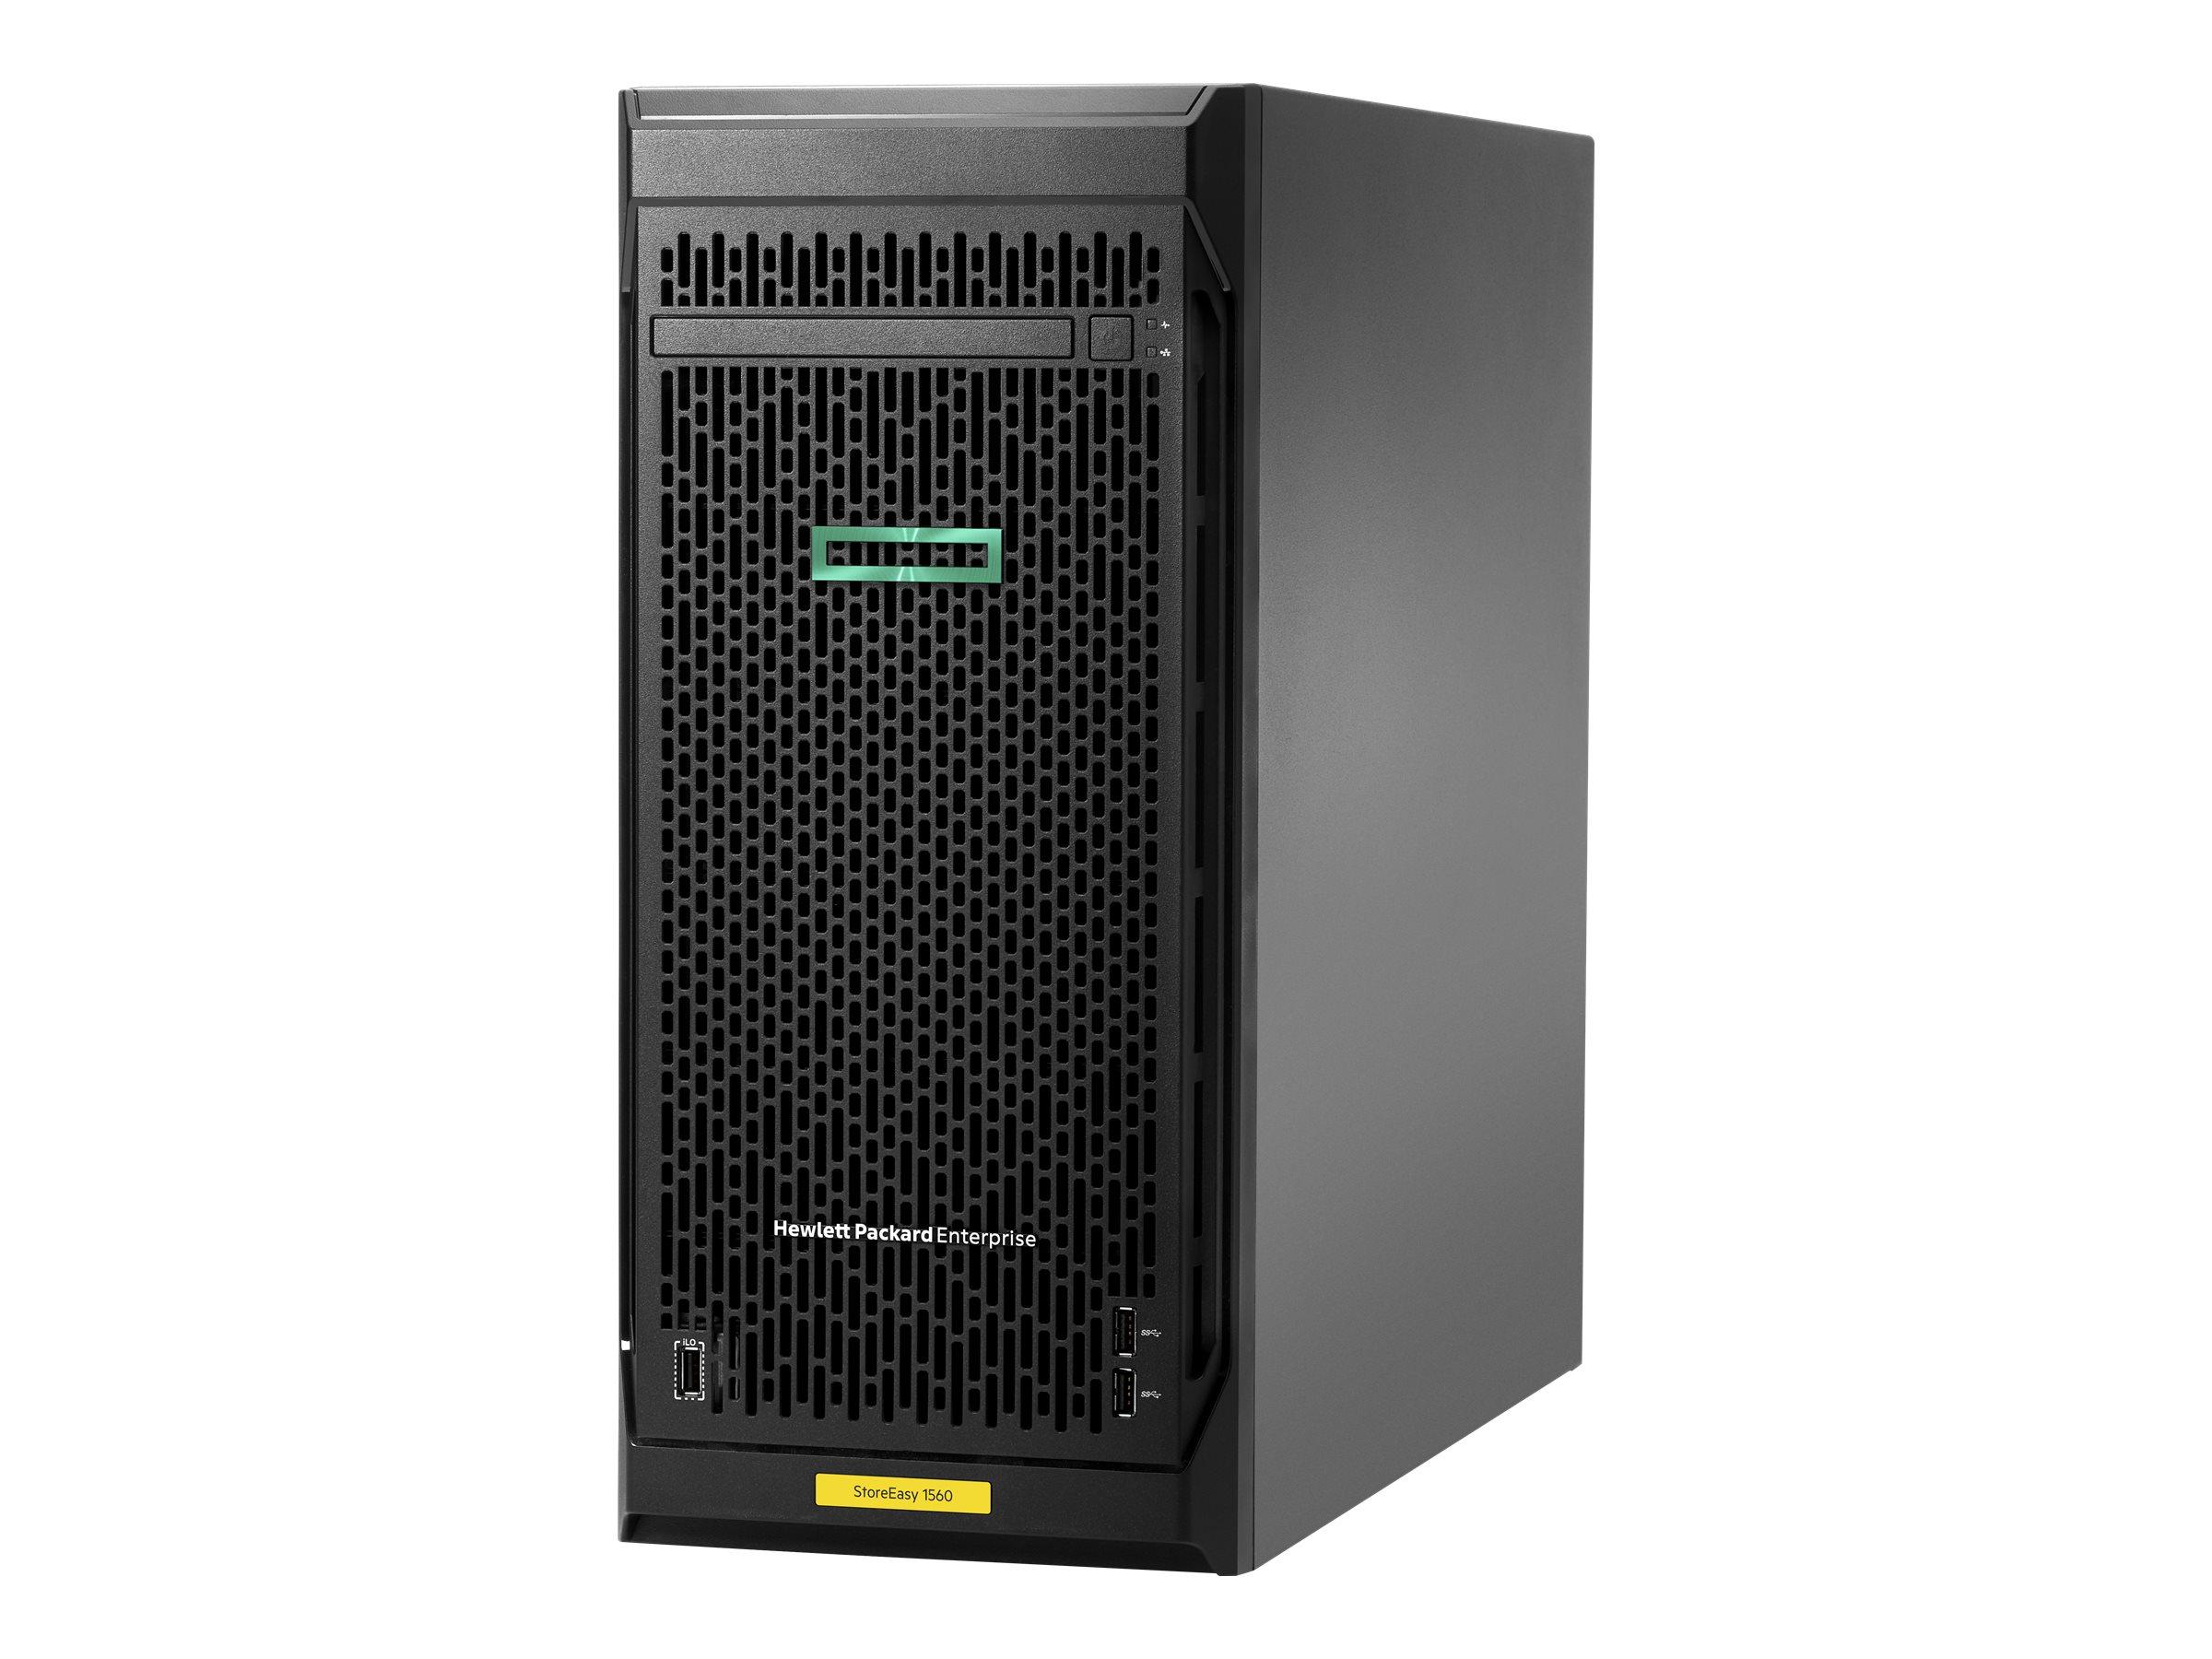 HPE StoreEasy 1560 - NAS-Server - 4 Schächte - 8 TB - Rack - einbaufähig